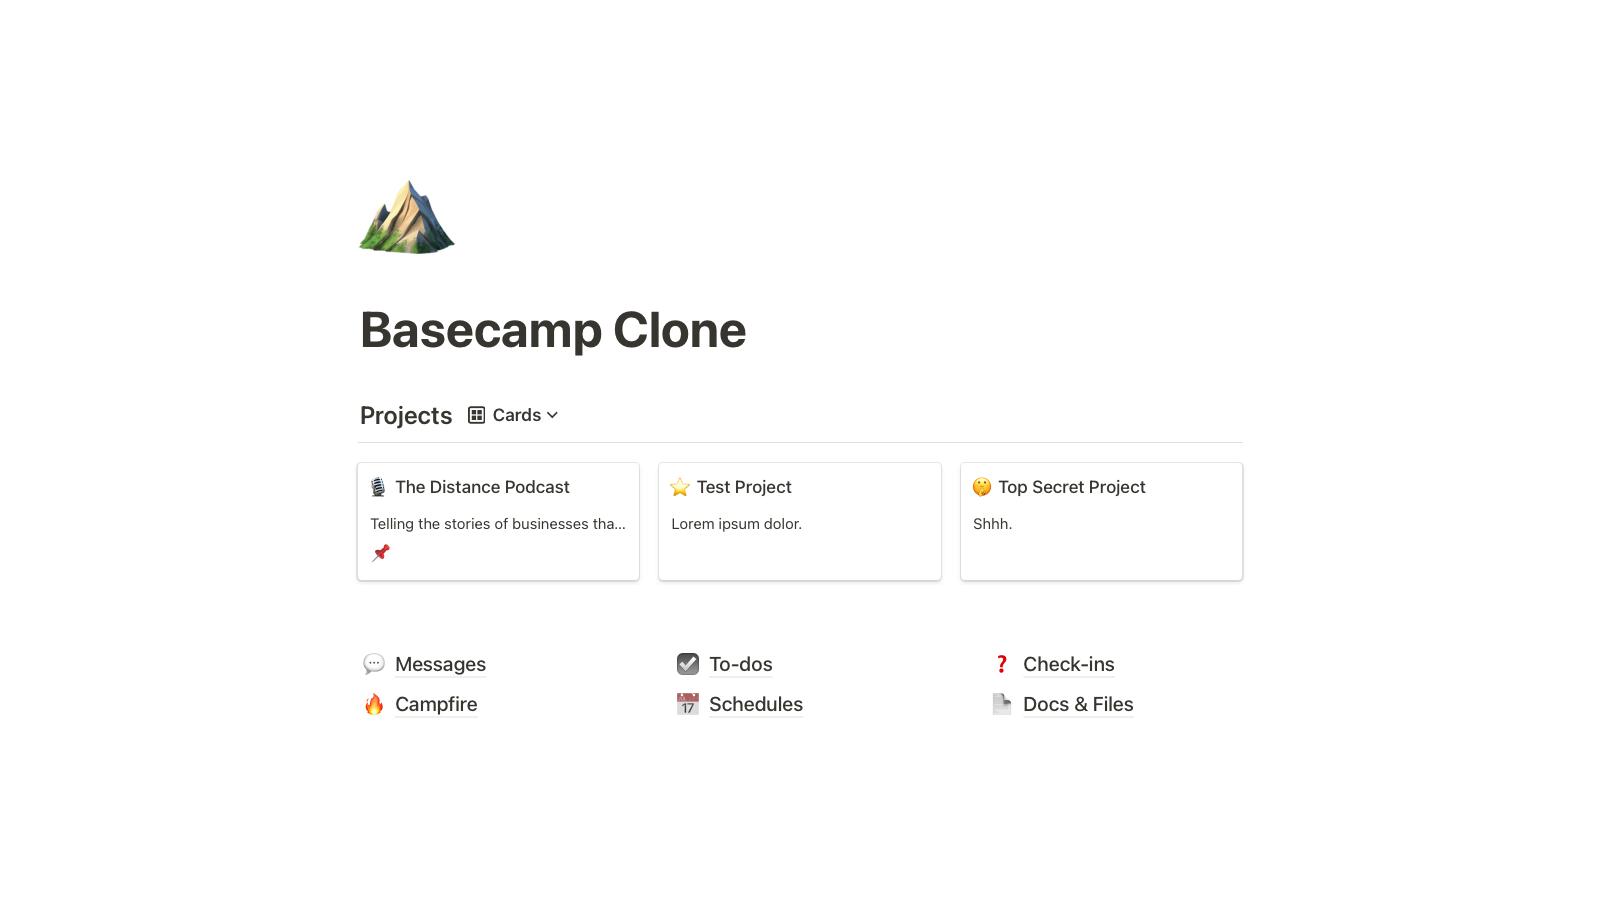 Basecamp Clone